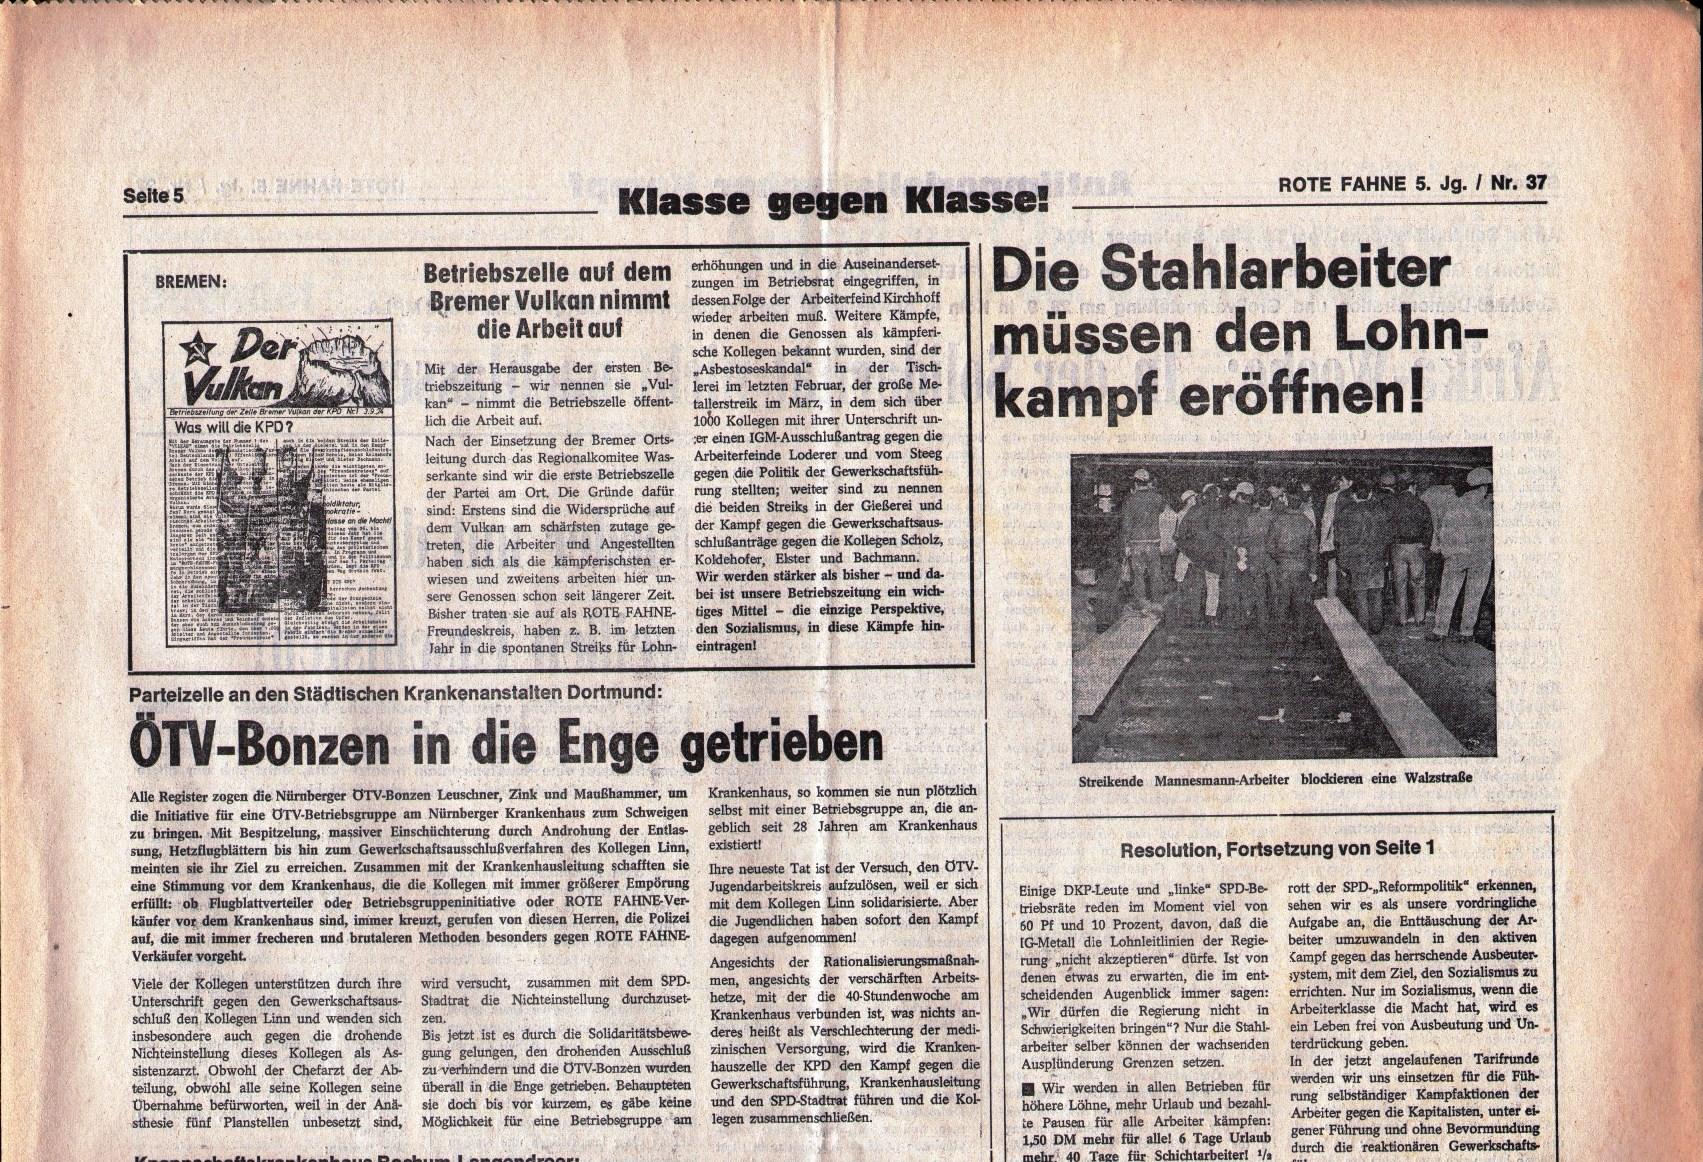 KPD_Rote_Fahne_1974_37_09